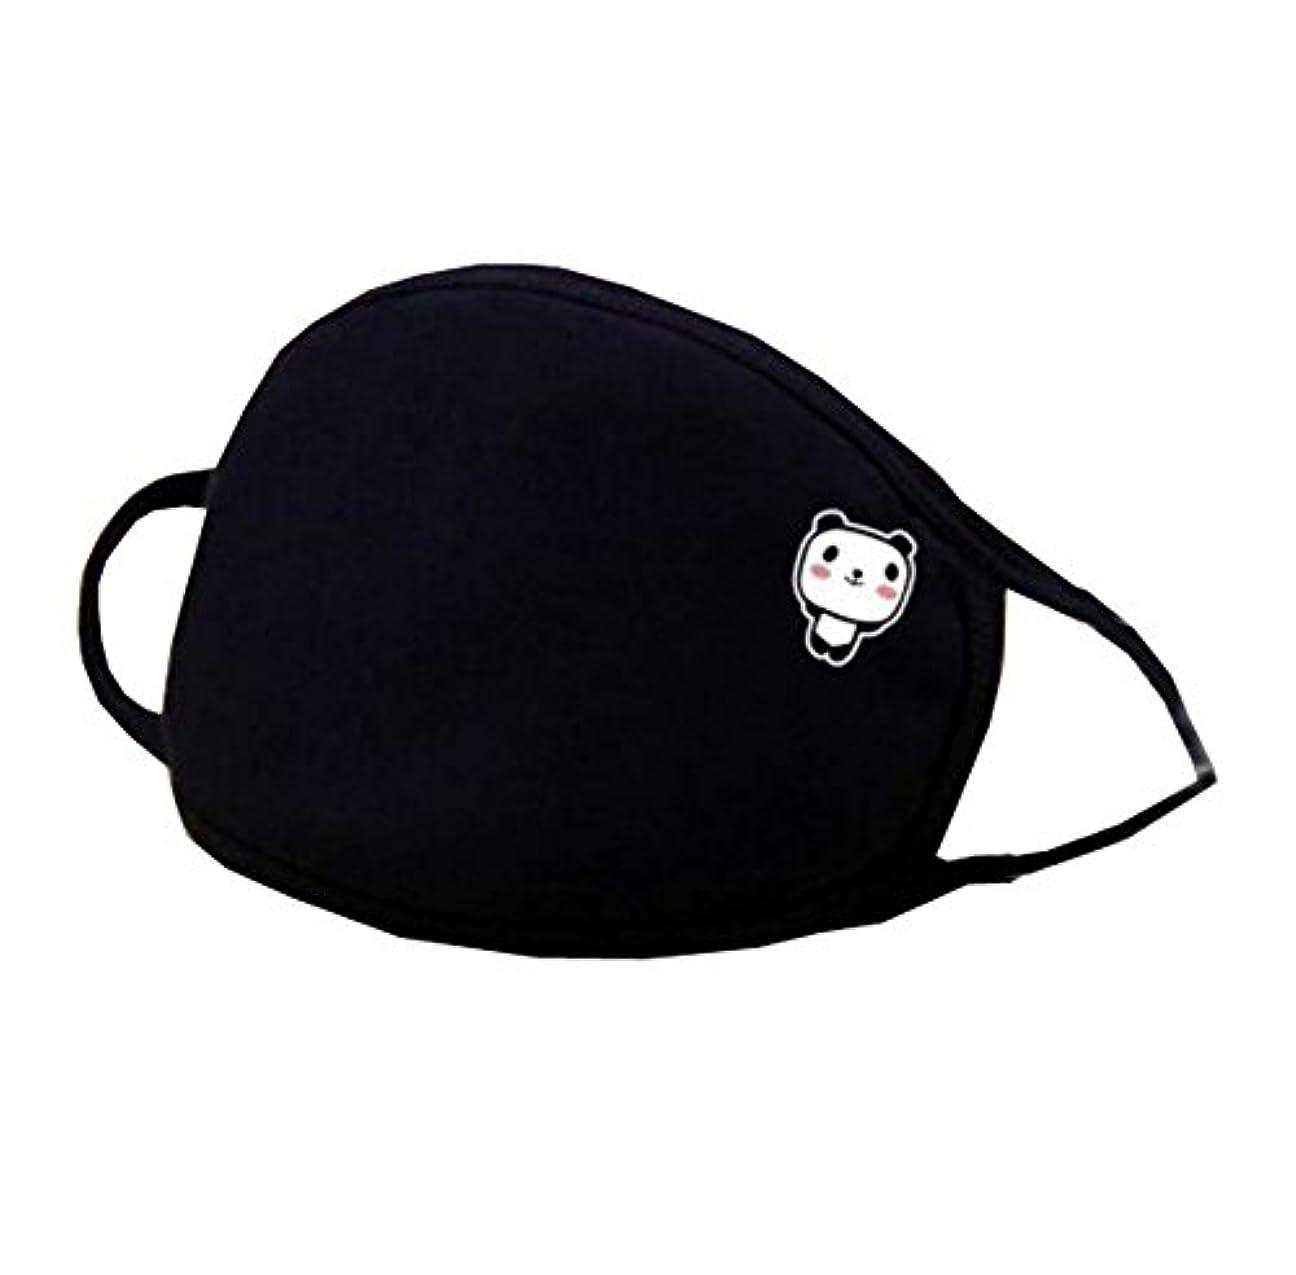 夜司法ジャーナリスト口腔マスク、ユニセックスマスク男性用防塵コットンフェイスマスク(2個)、A2